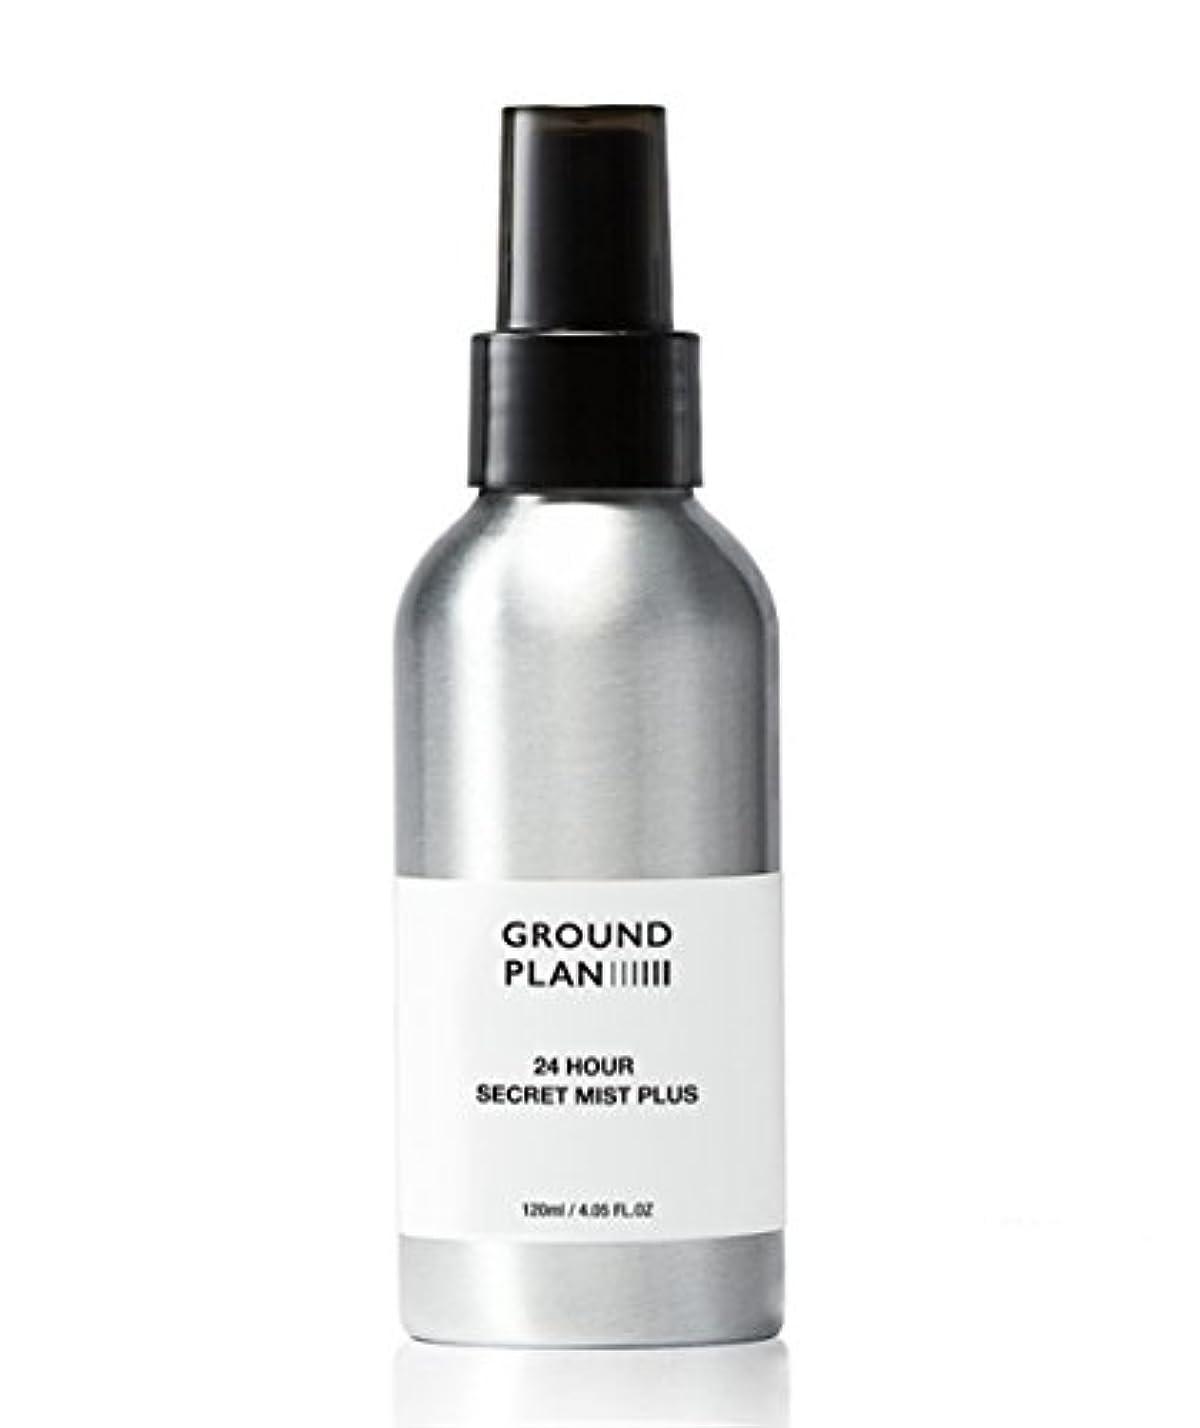 順番厚くする近所の[グラウンド?プラン] 24Hour 秘密 スキンミスト Plus Ground plan 24 Hour Secret Skin Mist Plus [海外直送品] (120ml)